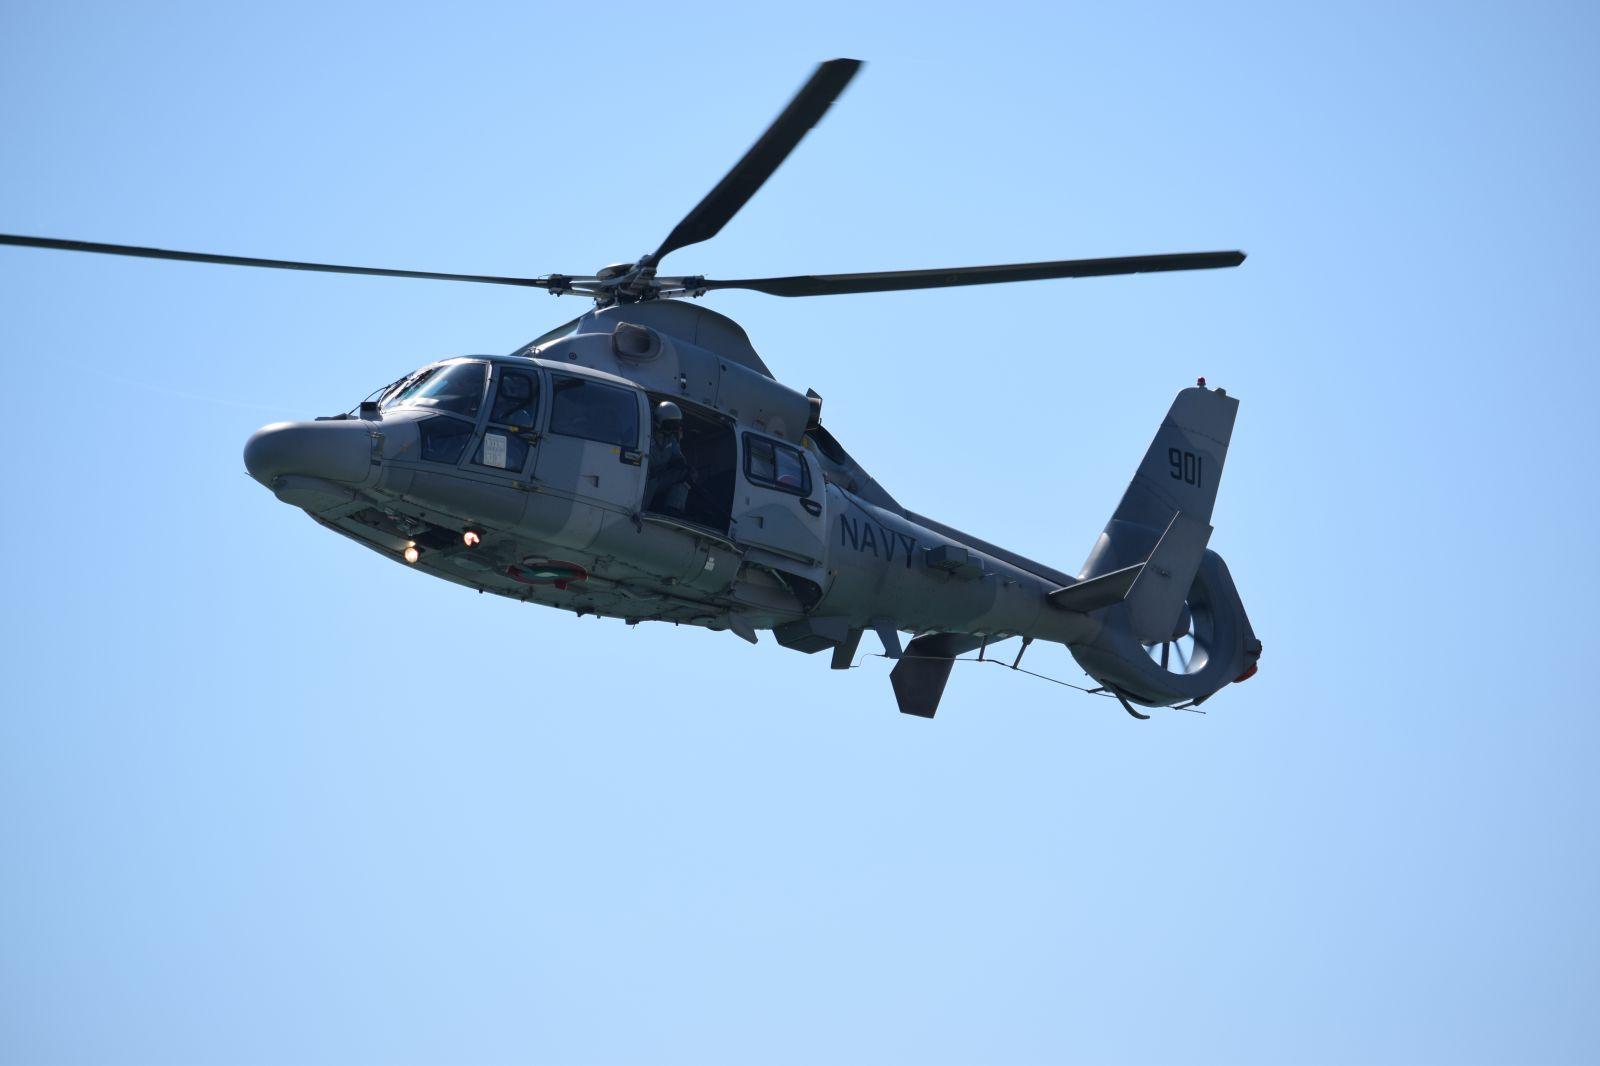 """Корвета 13 """"Решителни"""" и вертолет AS565MB Panther участват в съвместно учение от типа PASSEX в западната част на Черно море"""